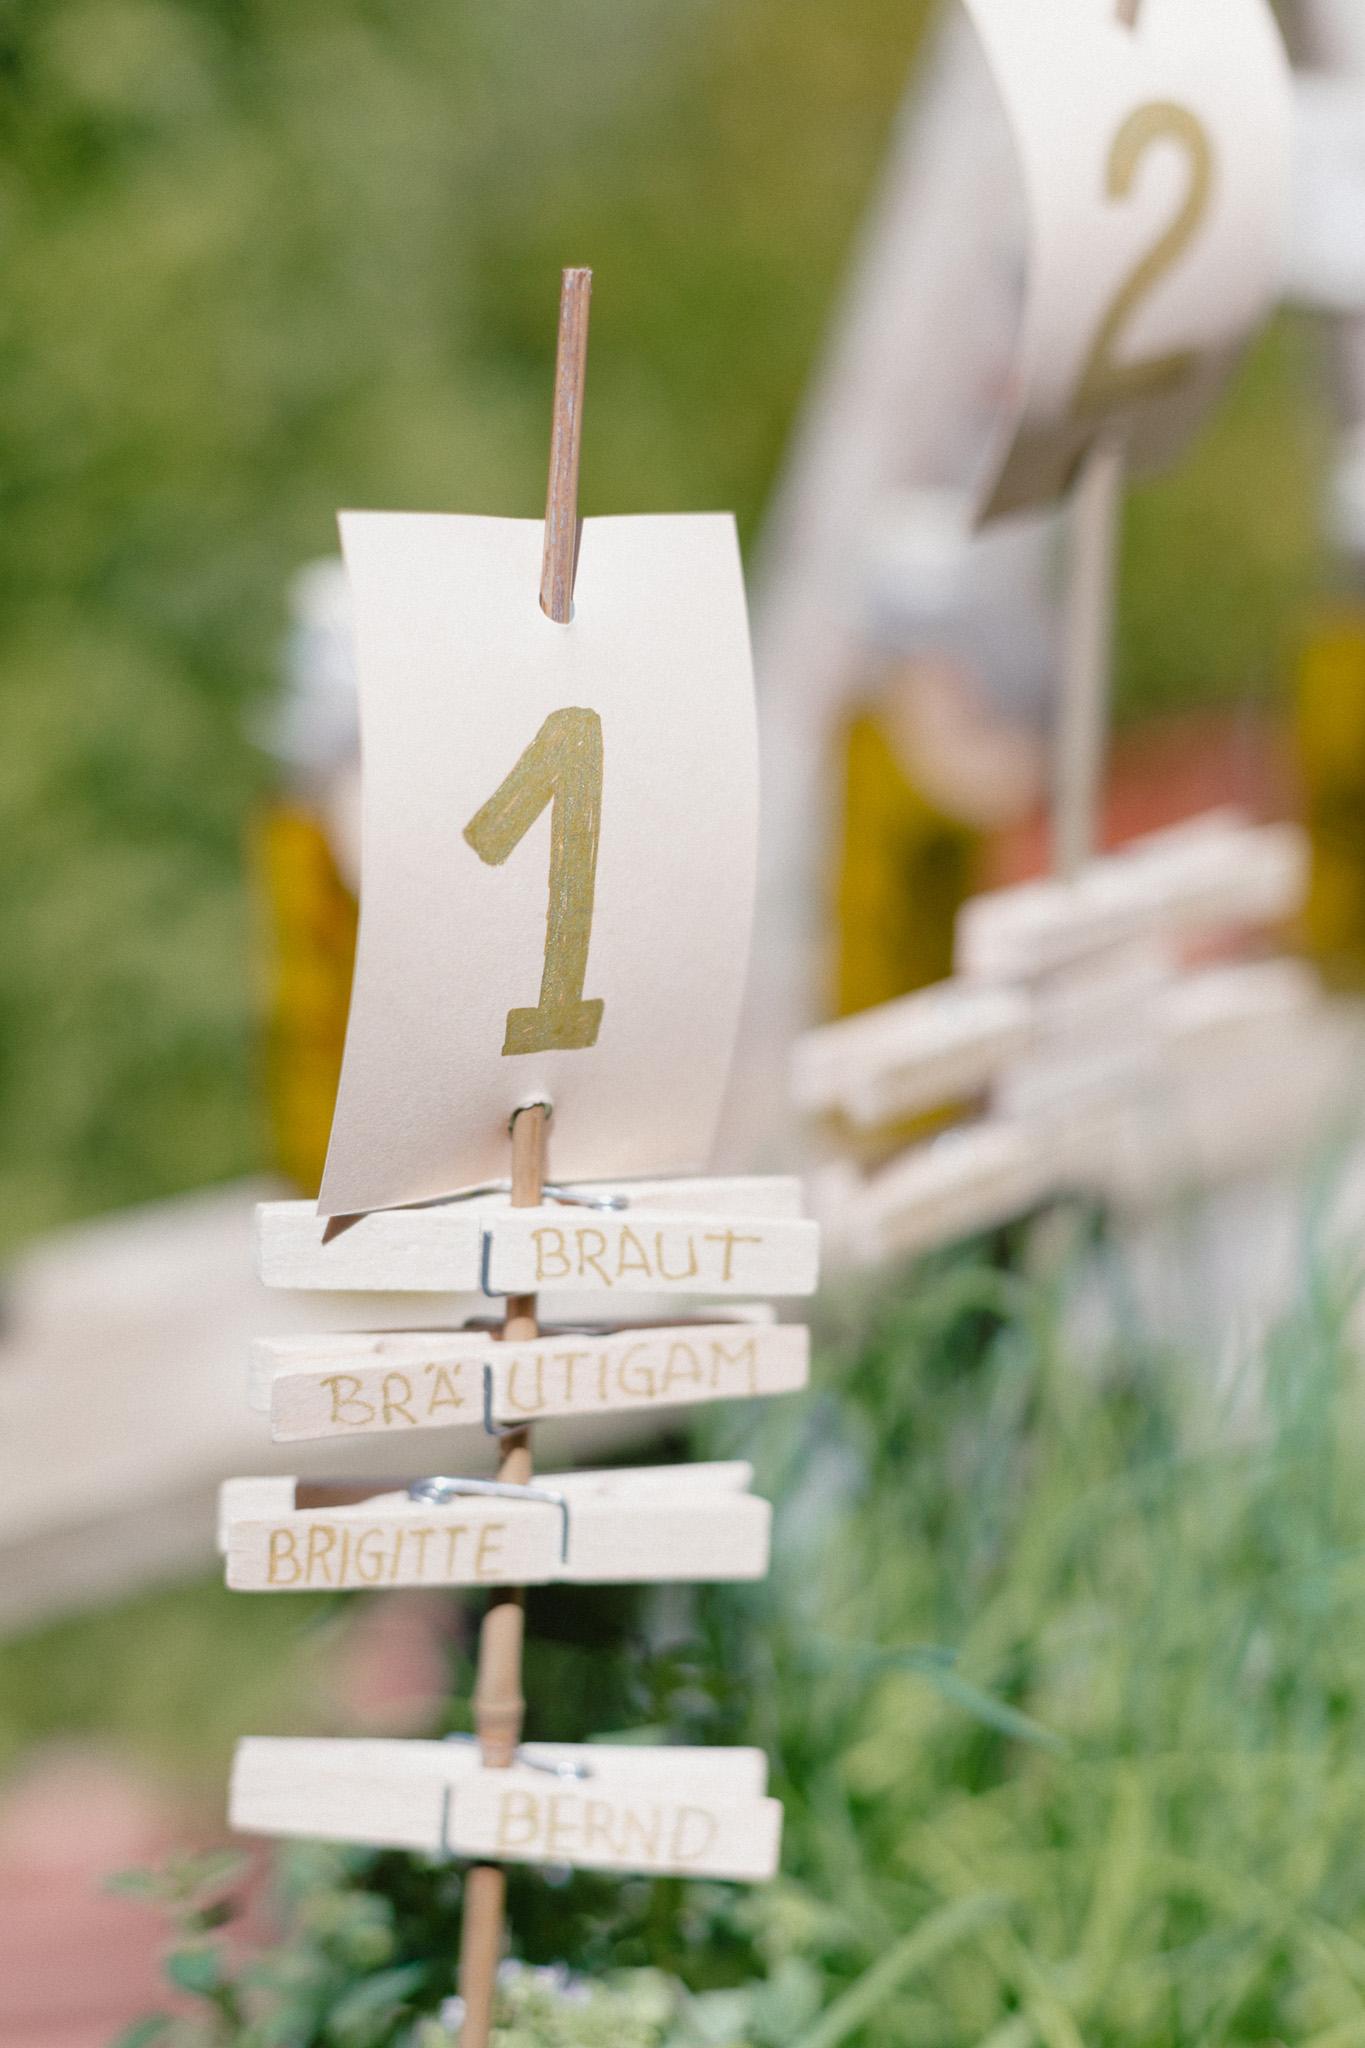 Tischnummer Hochzeit Ideen schön, Tischnummer Hochzeit selber machen